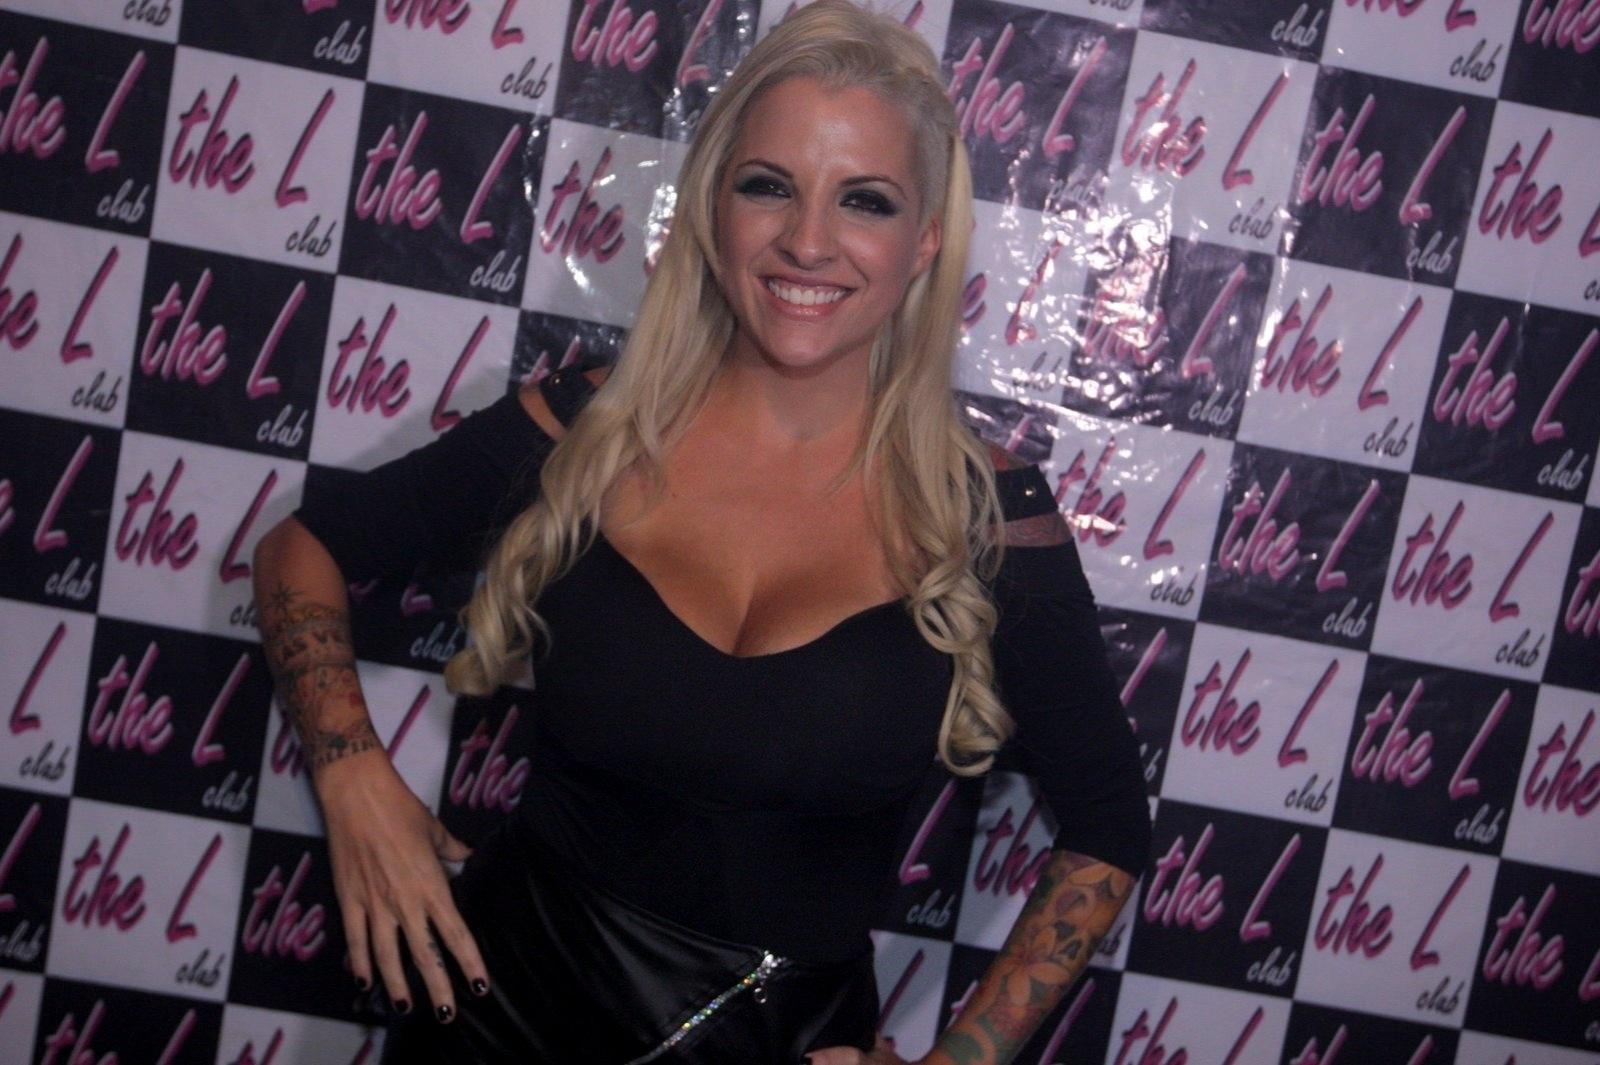 12.abr.2014 - Ex-BBB Clara reúne uma multidão de mulheres em uma balada para o público lésbico de São Paulo. A ex-sister recebeu o carinho das fãs que se amontoavam para vê-la nas picapes, na madrugada deste sábado